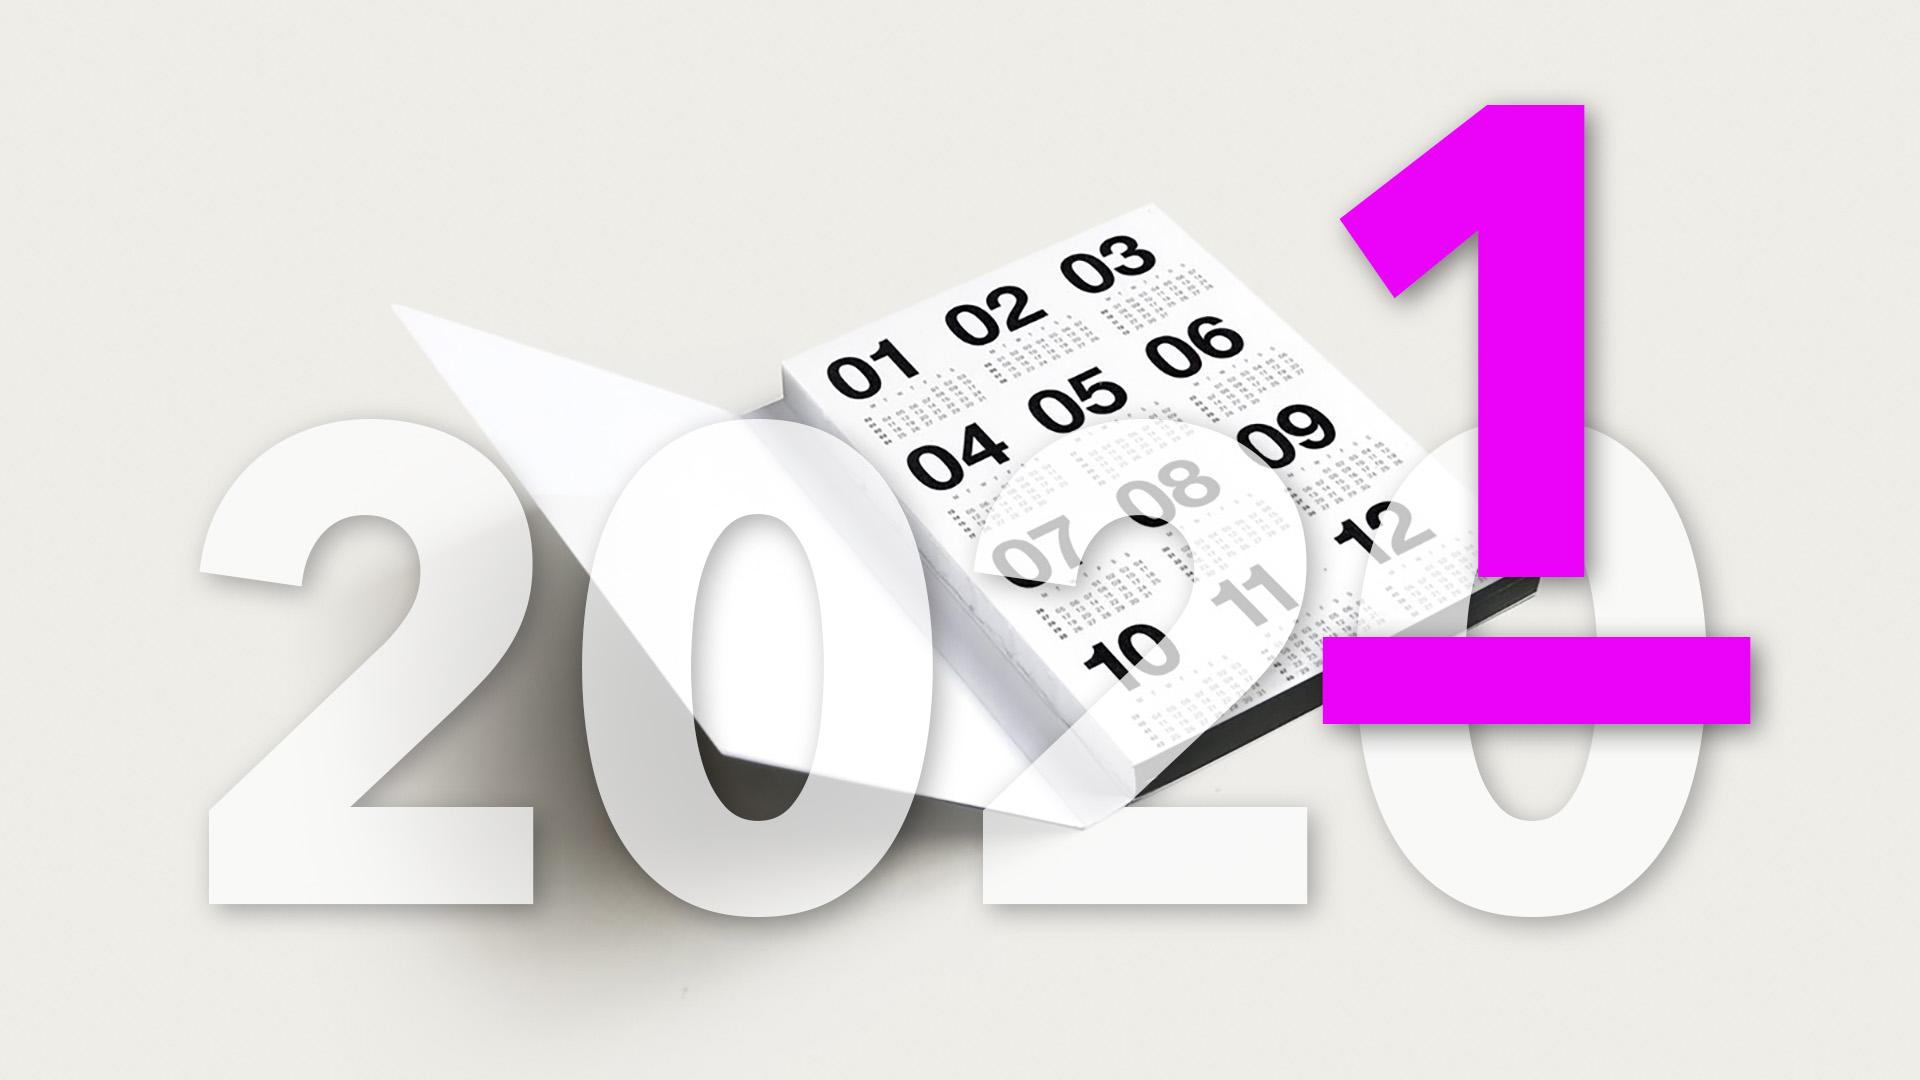 Klāt 2021. gads. Kas jauns algas grāmatvežiem?